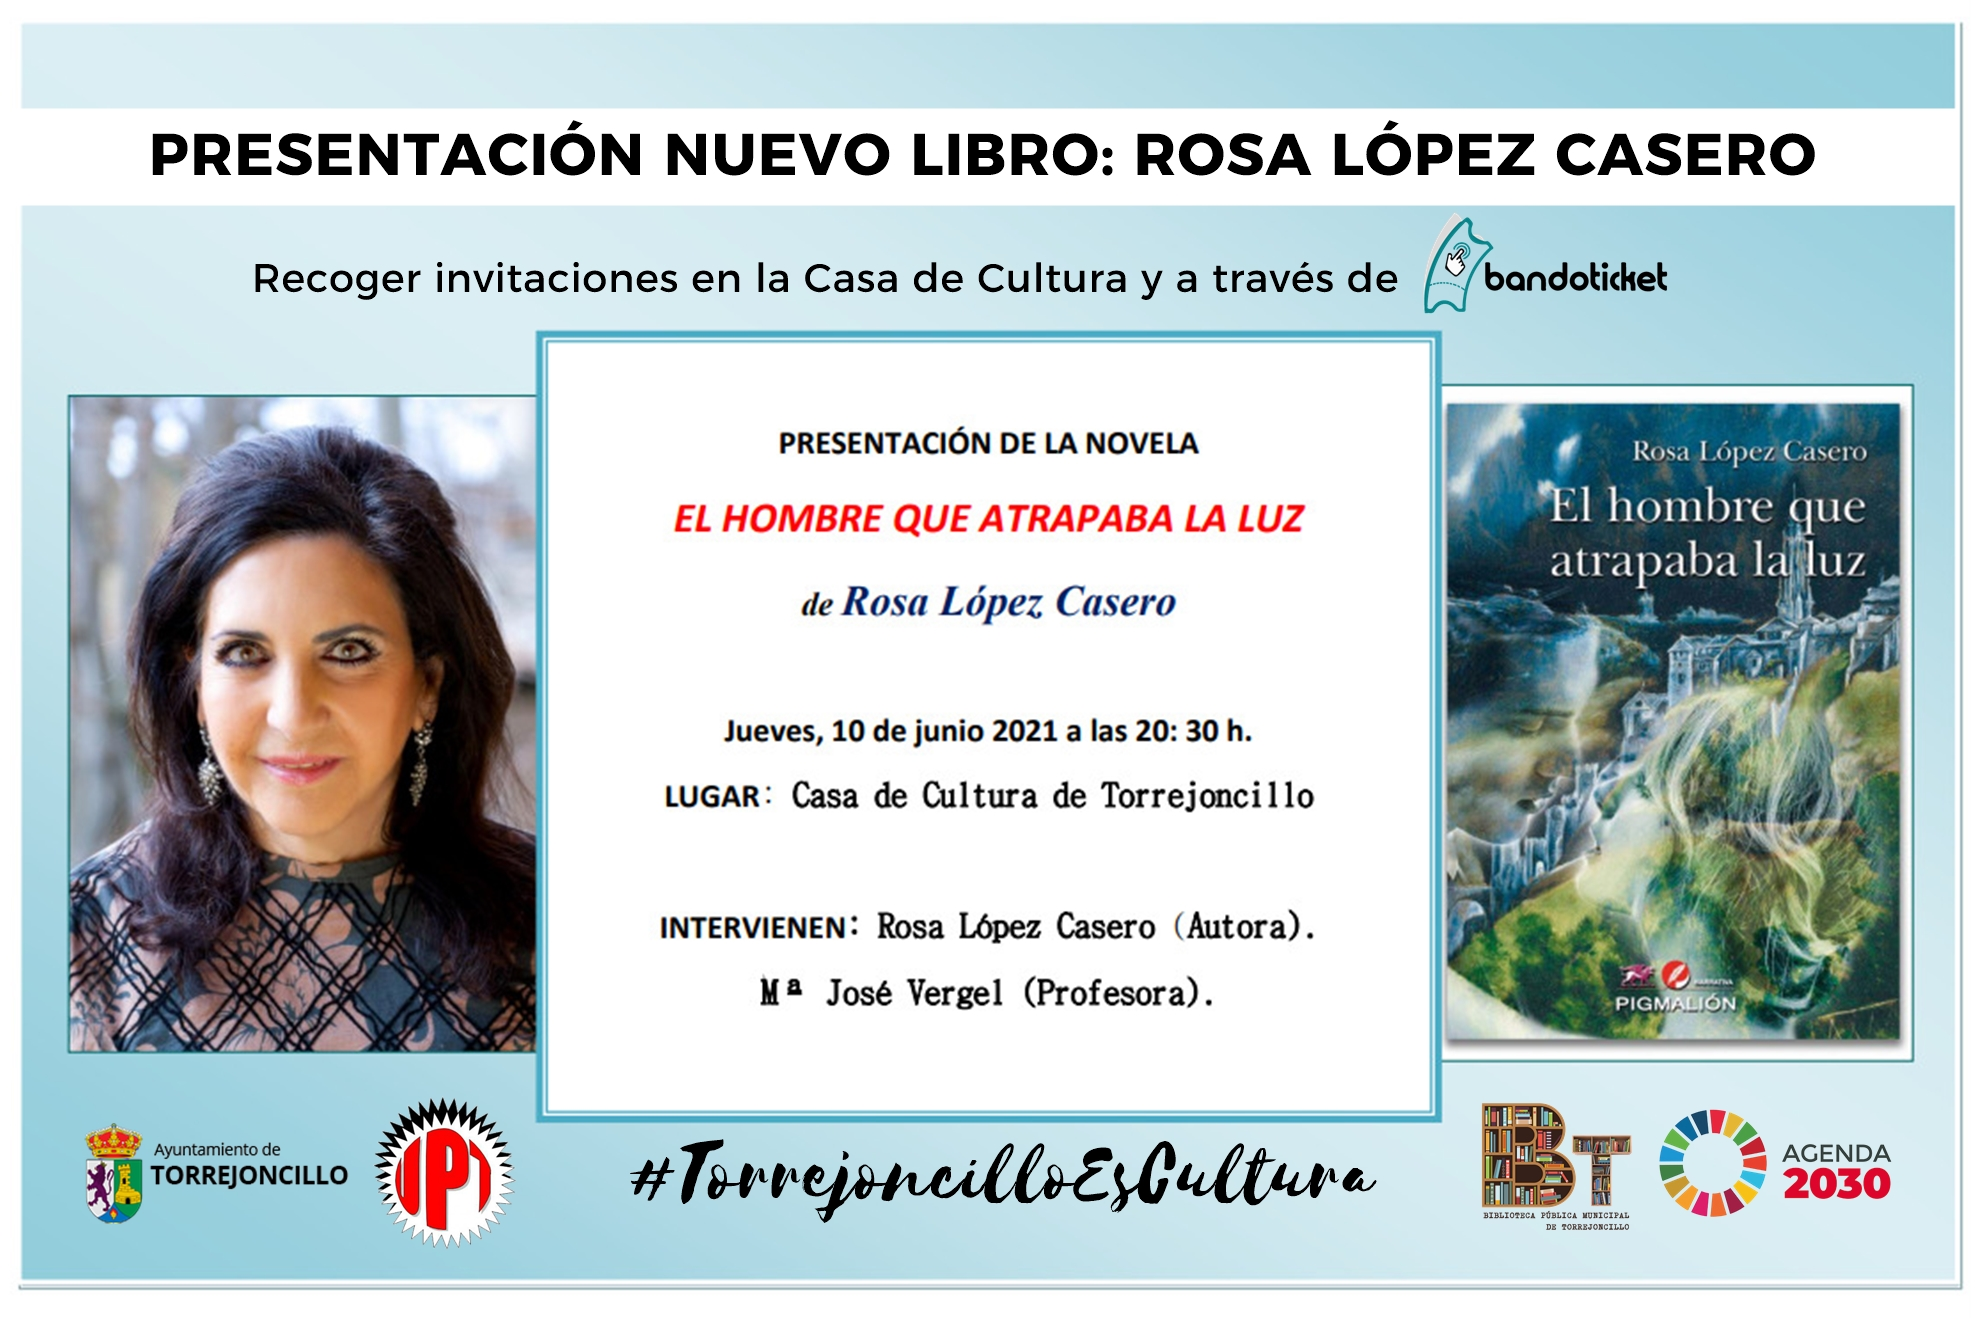 Presentación del nuevo libro de Rosa López Casero: 'El hombre que atrapaba la luz'